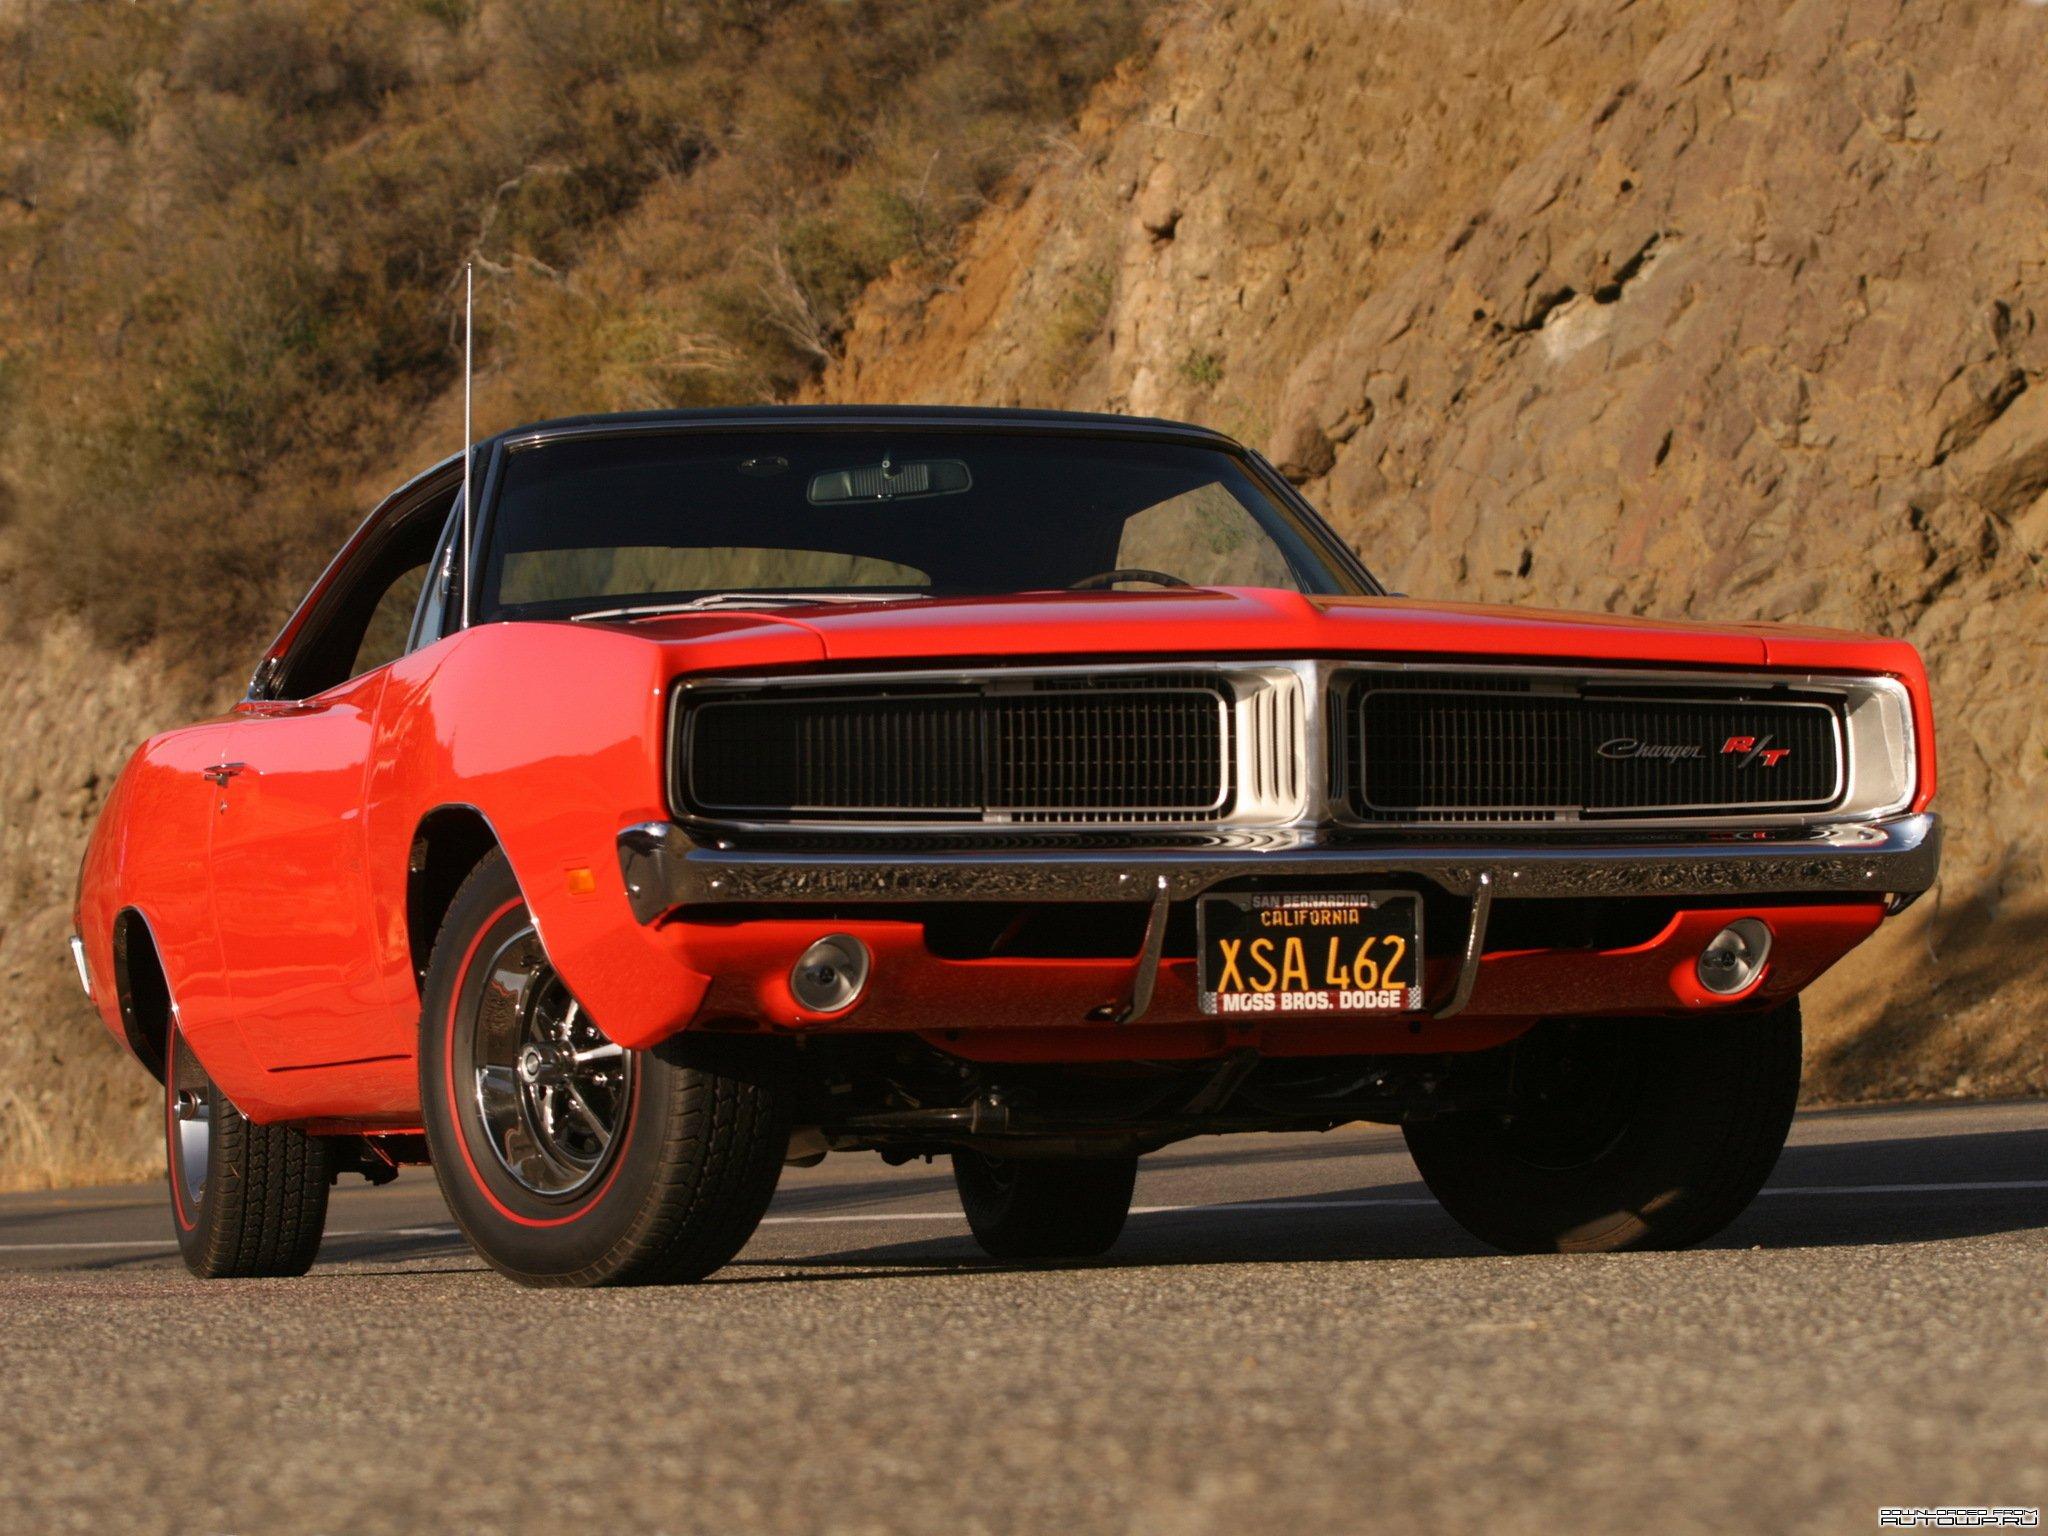 маслкары масл кары muscle cars американские автомобили классика сша отвратительные мужики disgusting men